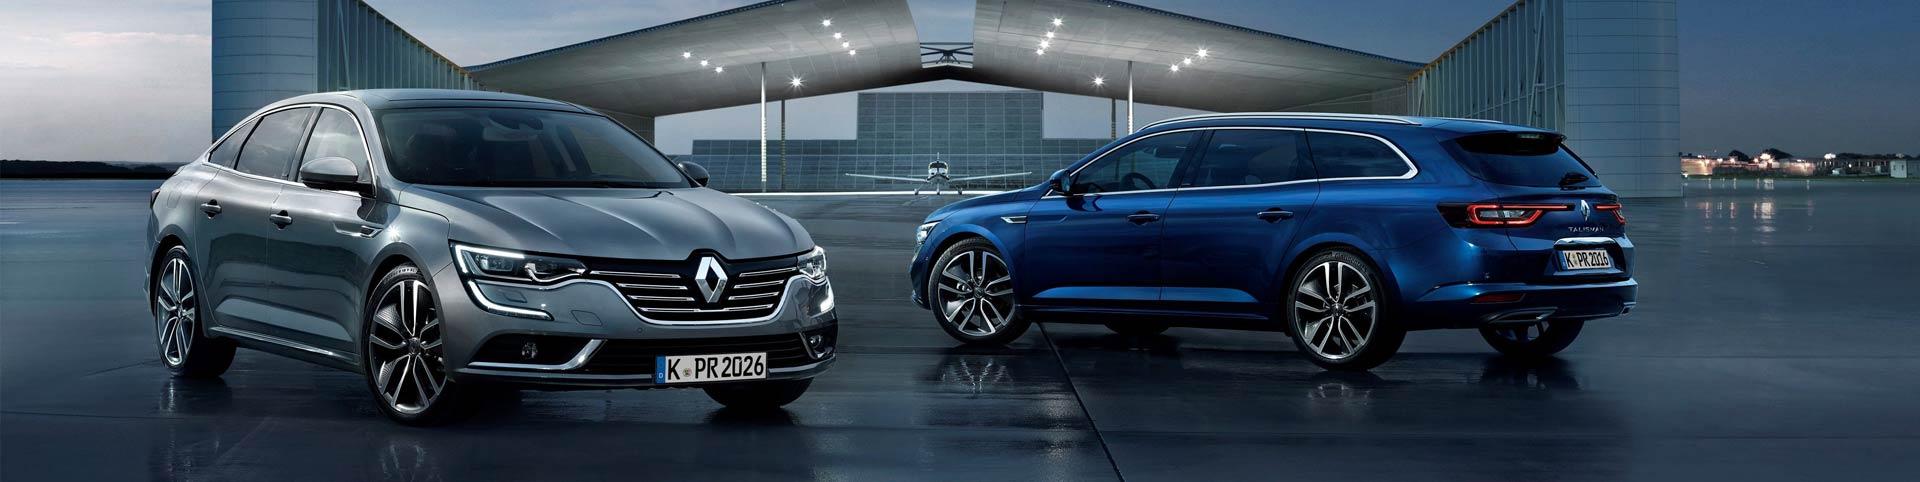 Renault Talisman Limousine und Kombi vom Autozentrum P&A-Preckel